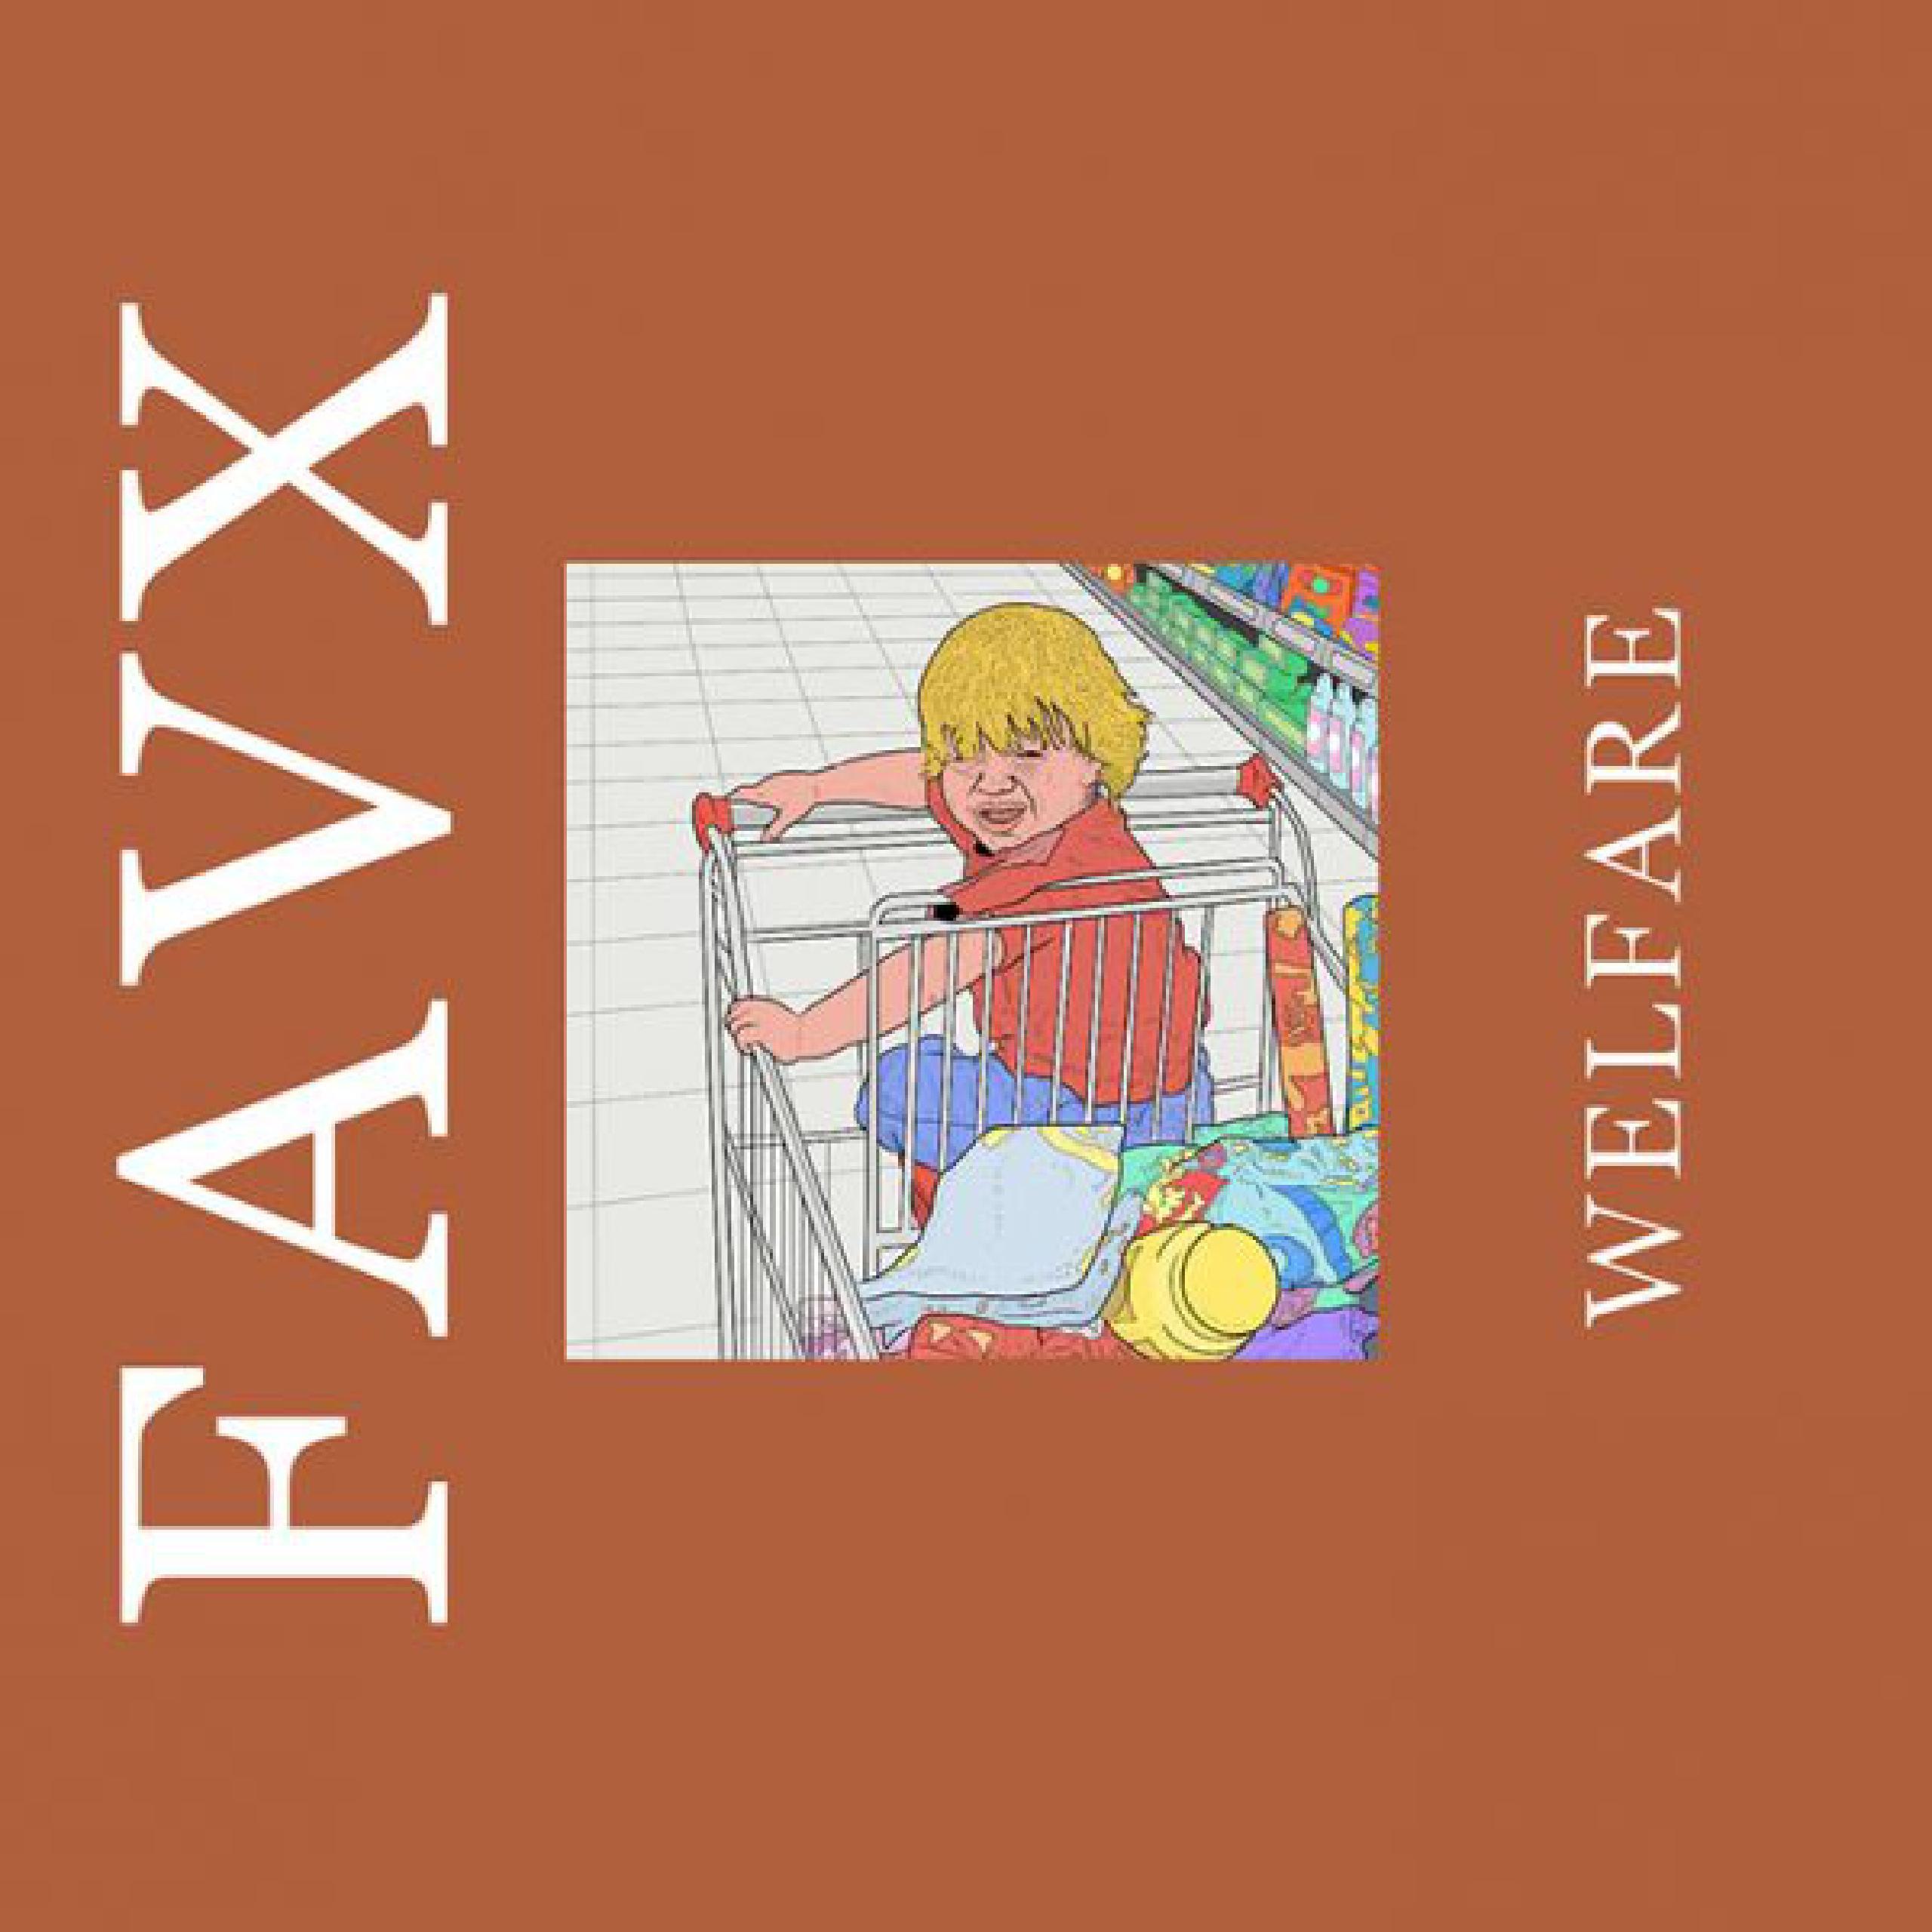 FAVX - WELFARE ya disponible via Miel de Moscas/ Burguer Records